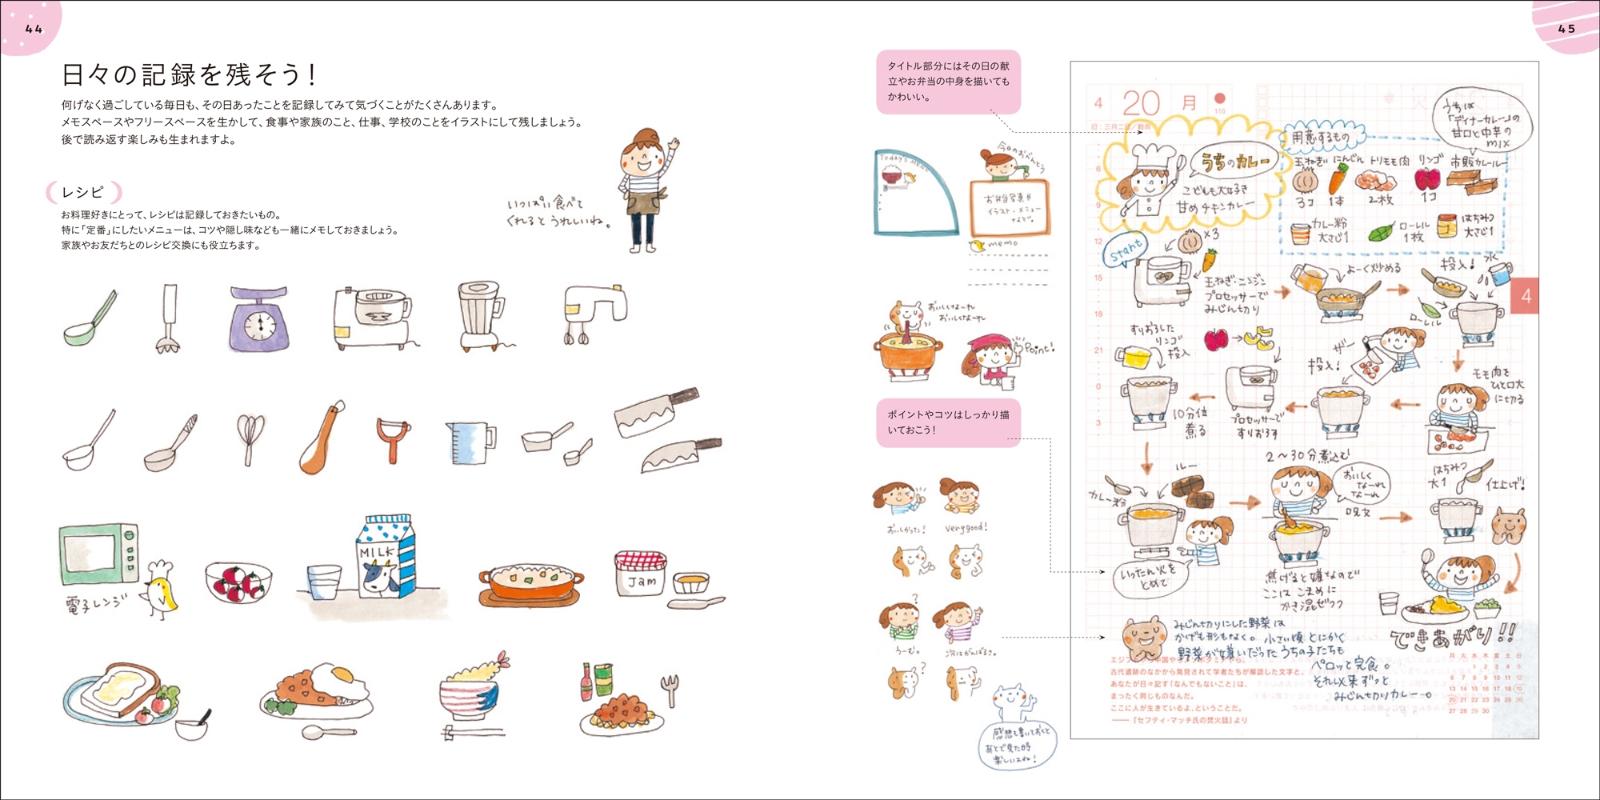 楽天ブックス かわいい手帳の描き方レッスン 手描きイラストと